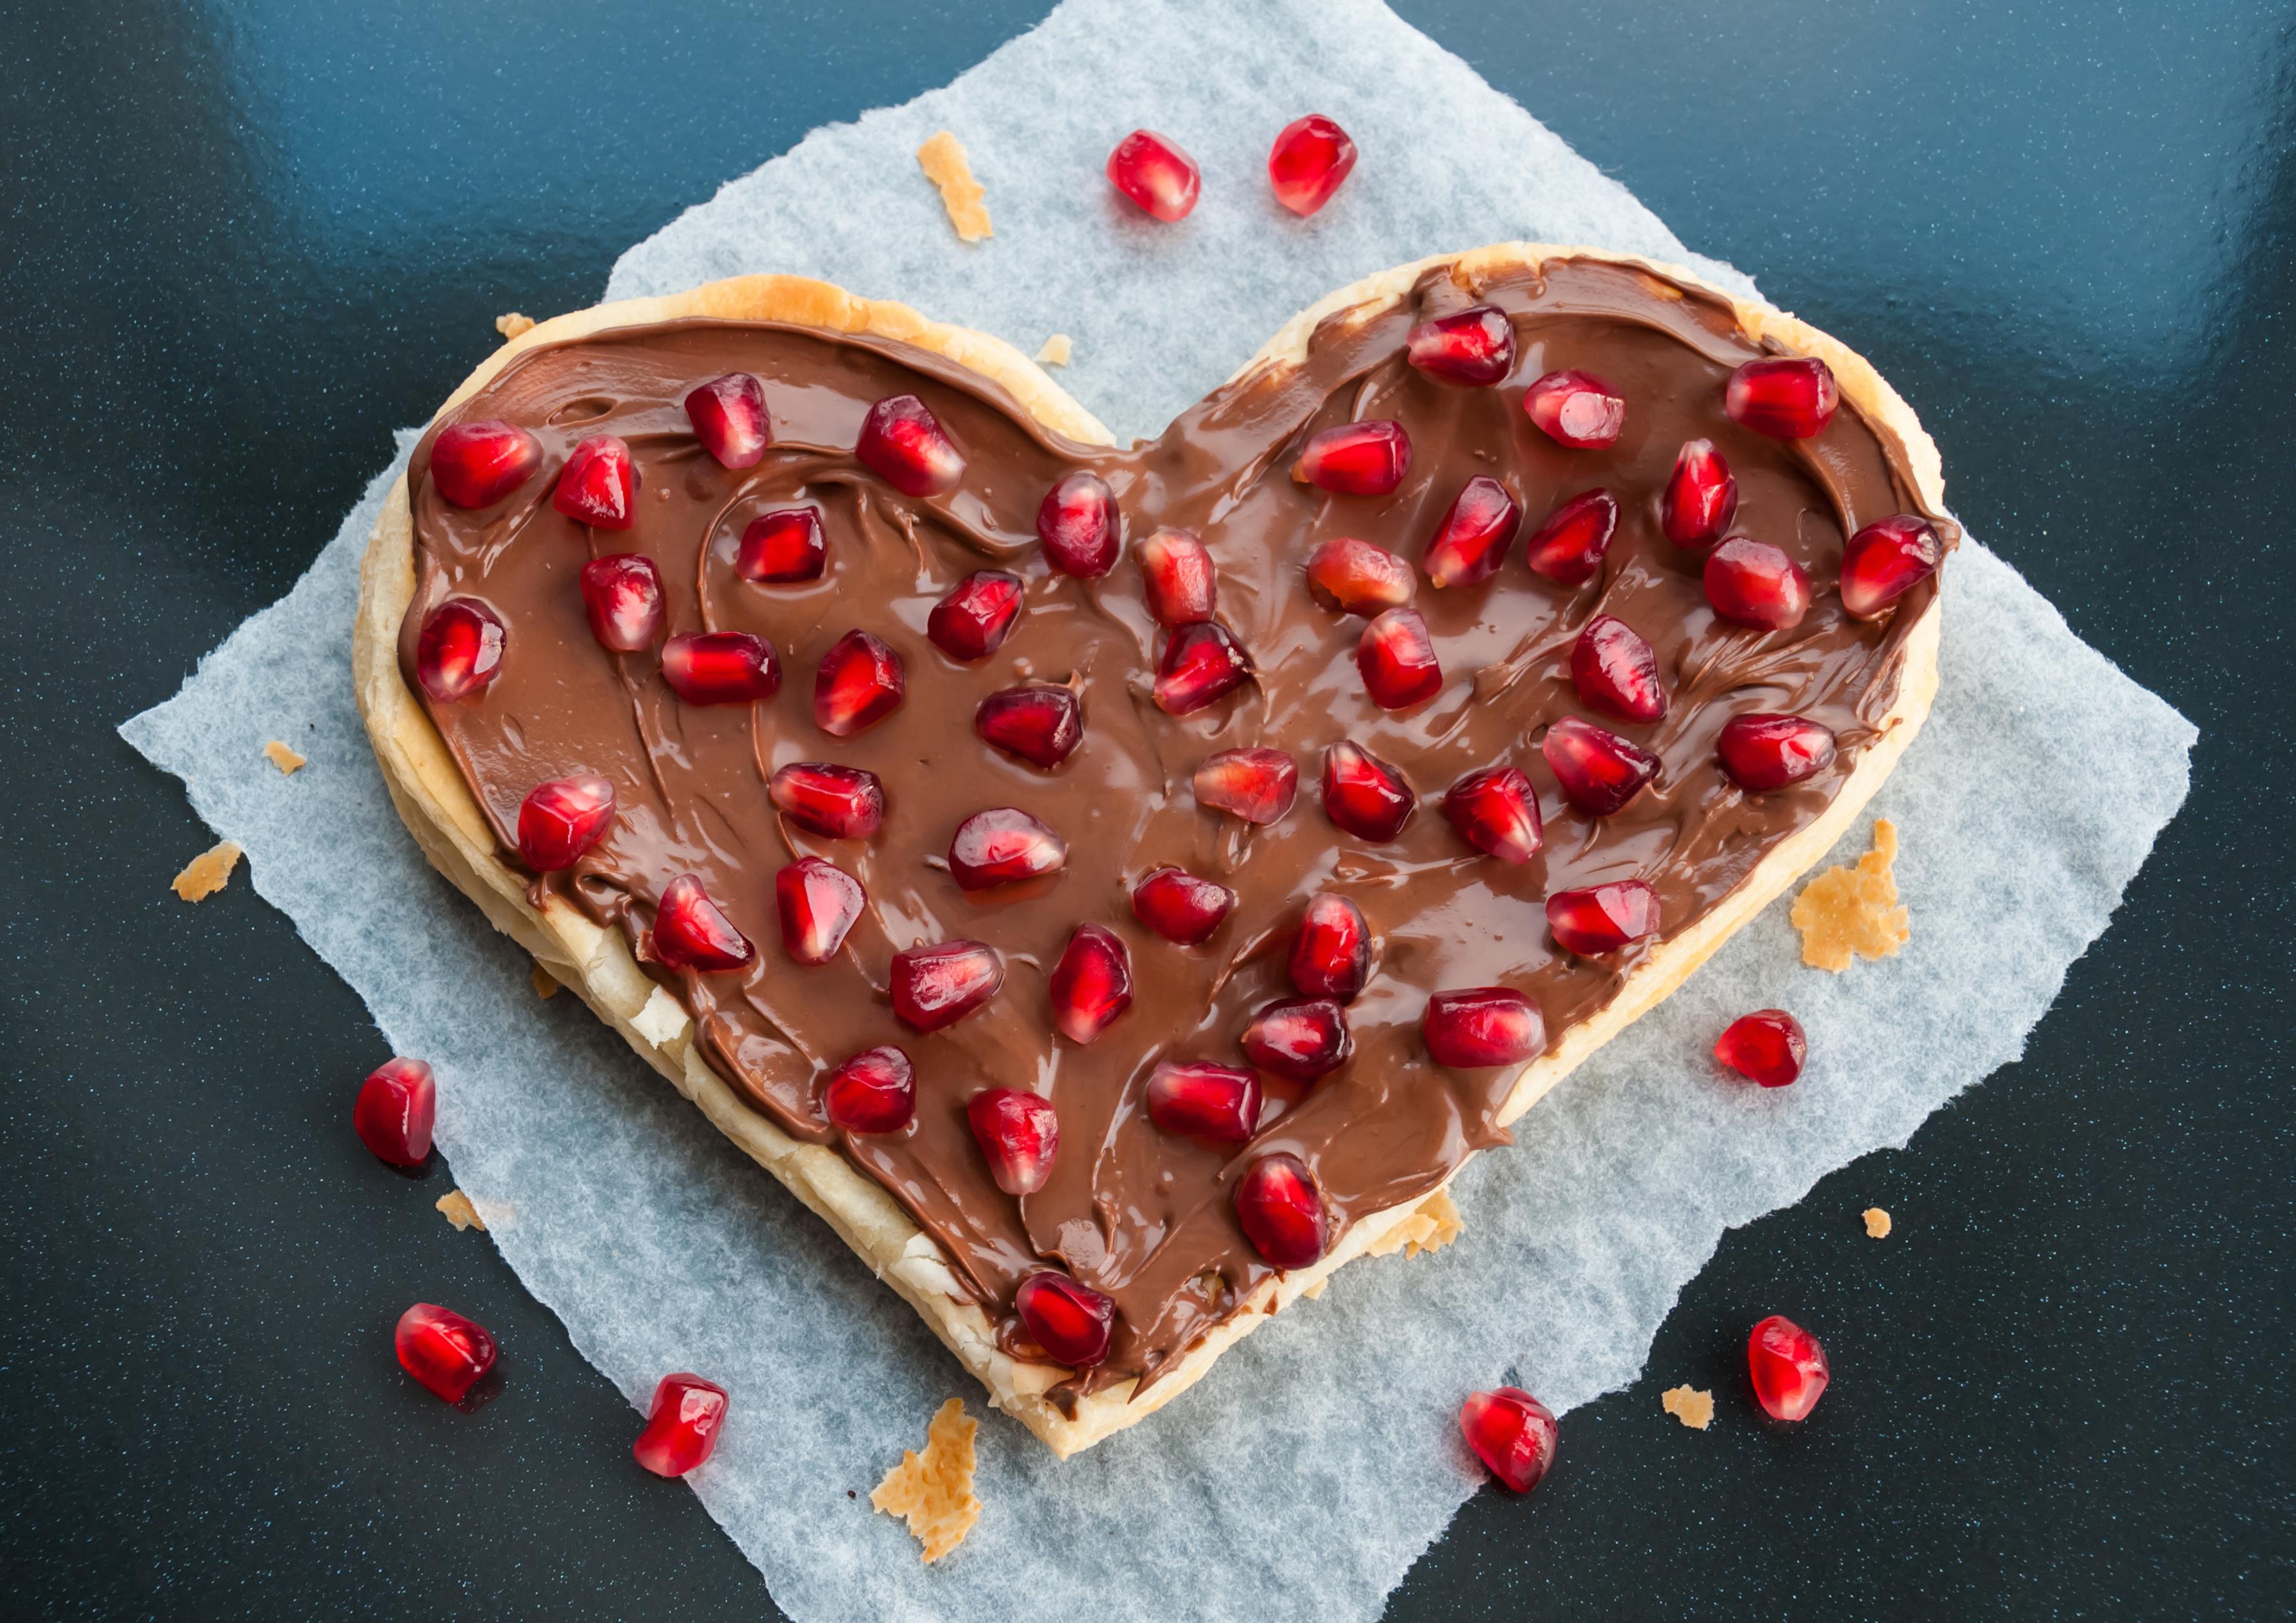 Libro Le Ricette Di Misya nutella e altri prodotti nelle ricette: semplici ingredienti